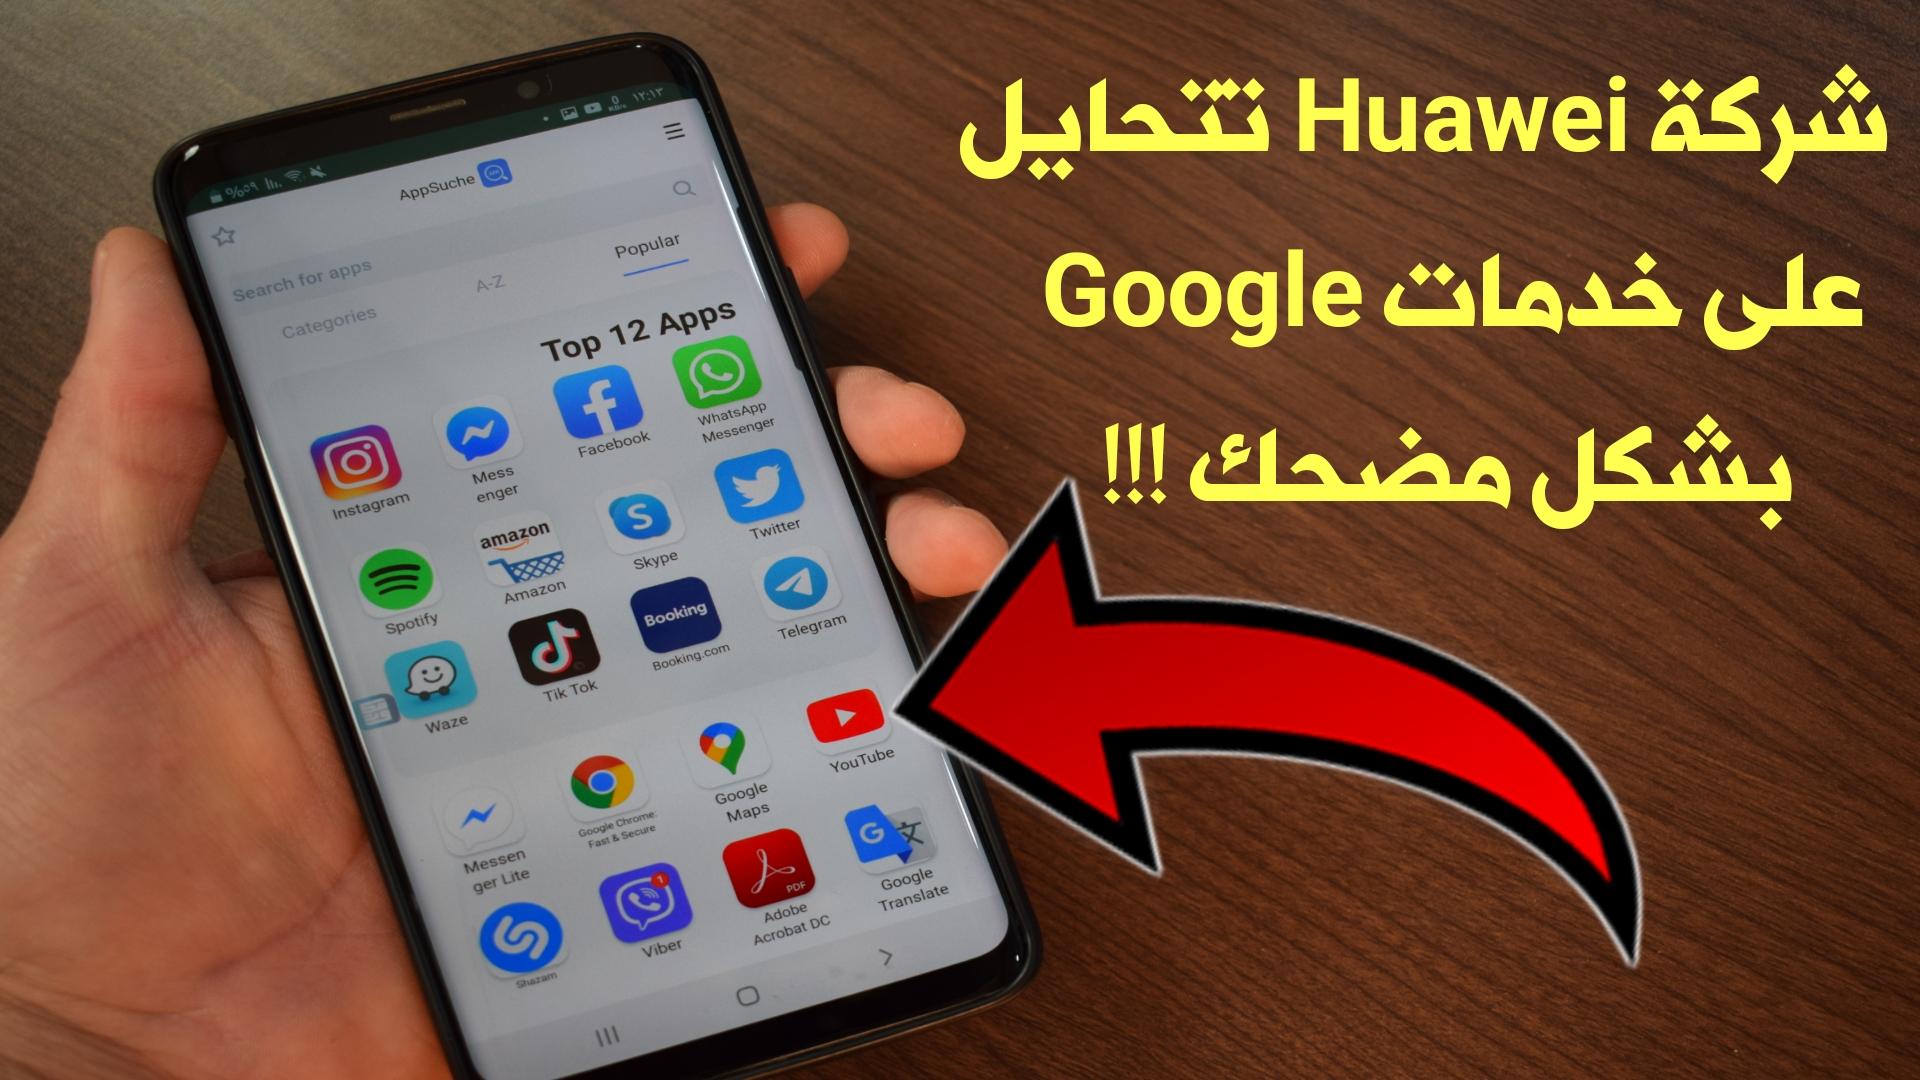 شركة Huawei تتحايل بشكل مضحك على خدمات Google في هواتفها الحديثة !!! تثبيت خدمات كوكل على هواتف Mate 30